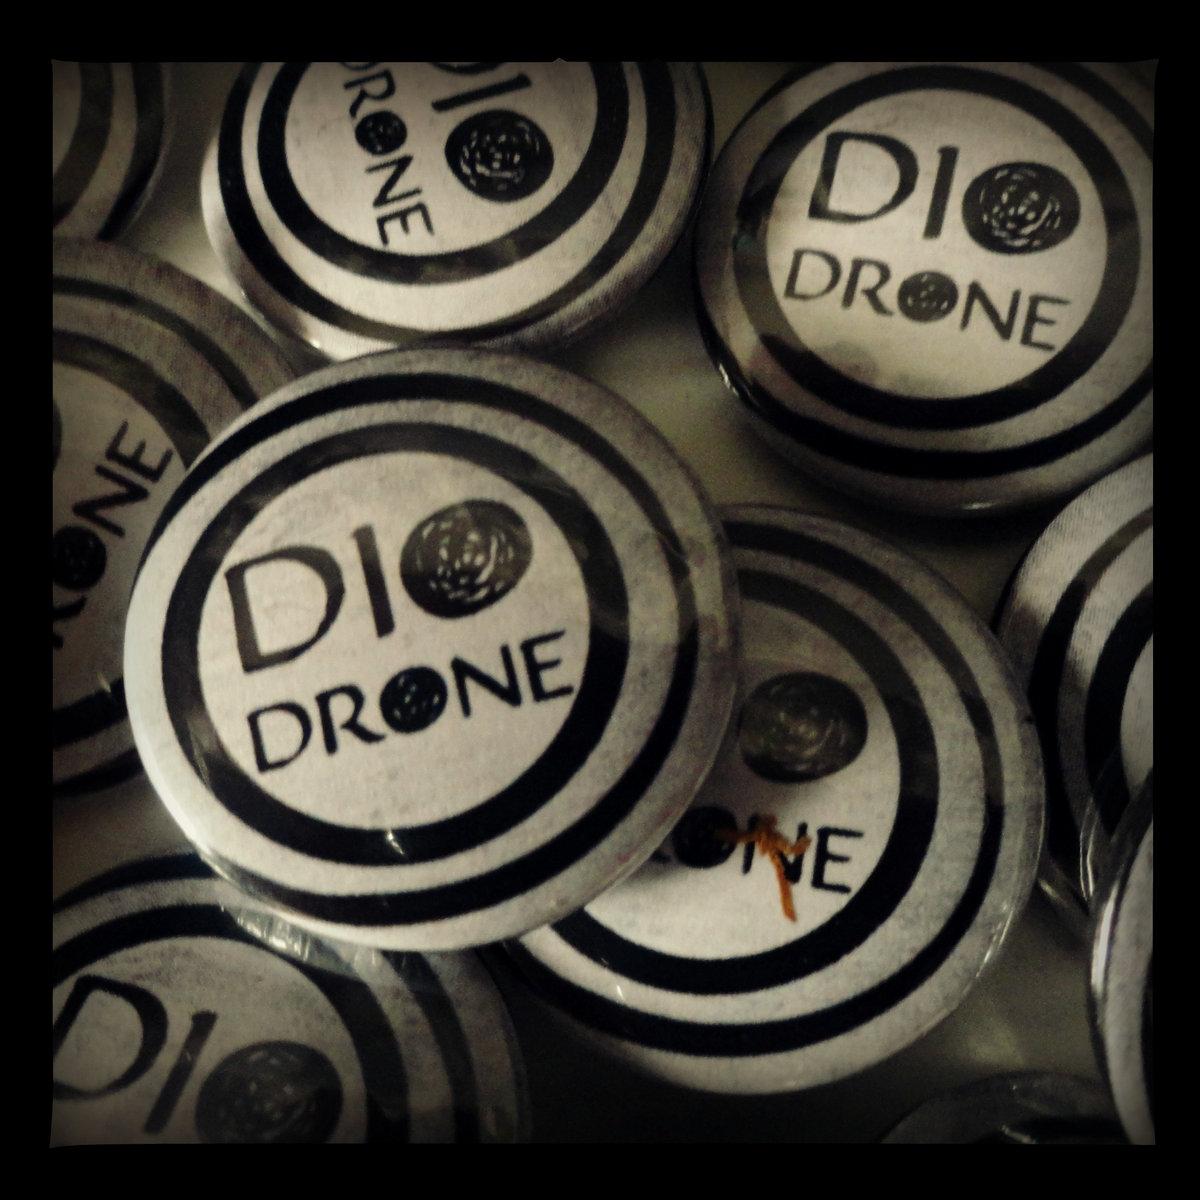 NàRESH RAN - Vindicàri    DIO DRONE